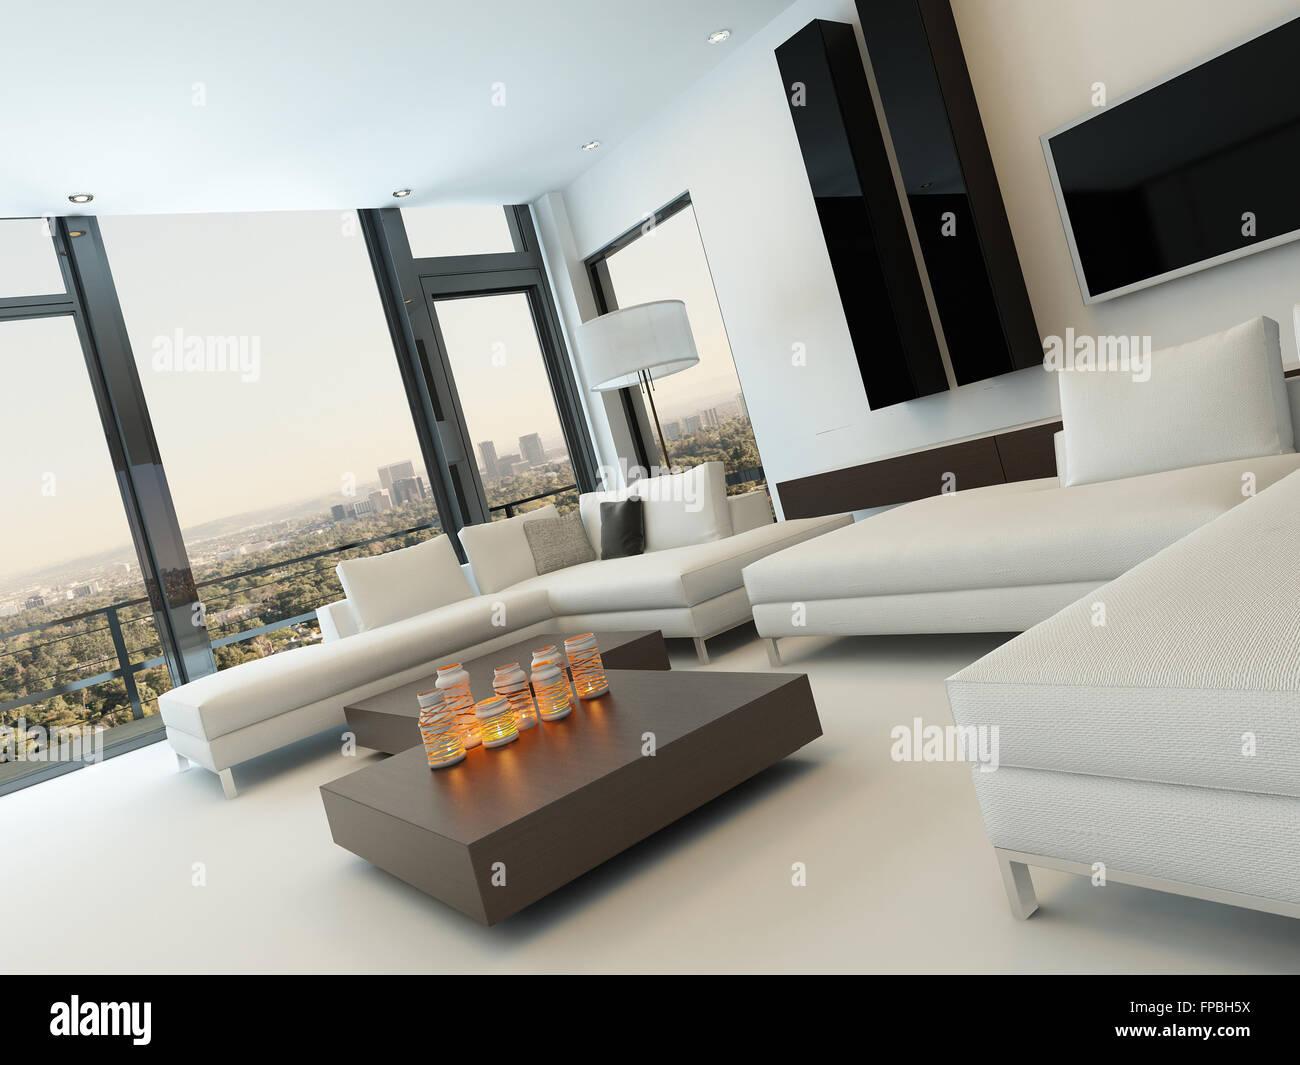 Modernes Design schwarz / weiß Wohnzimmer Interieur Stockfoto, Bild ...